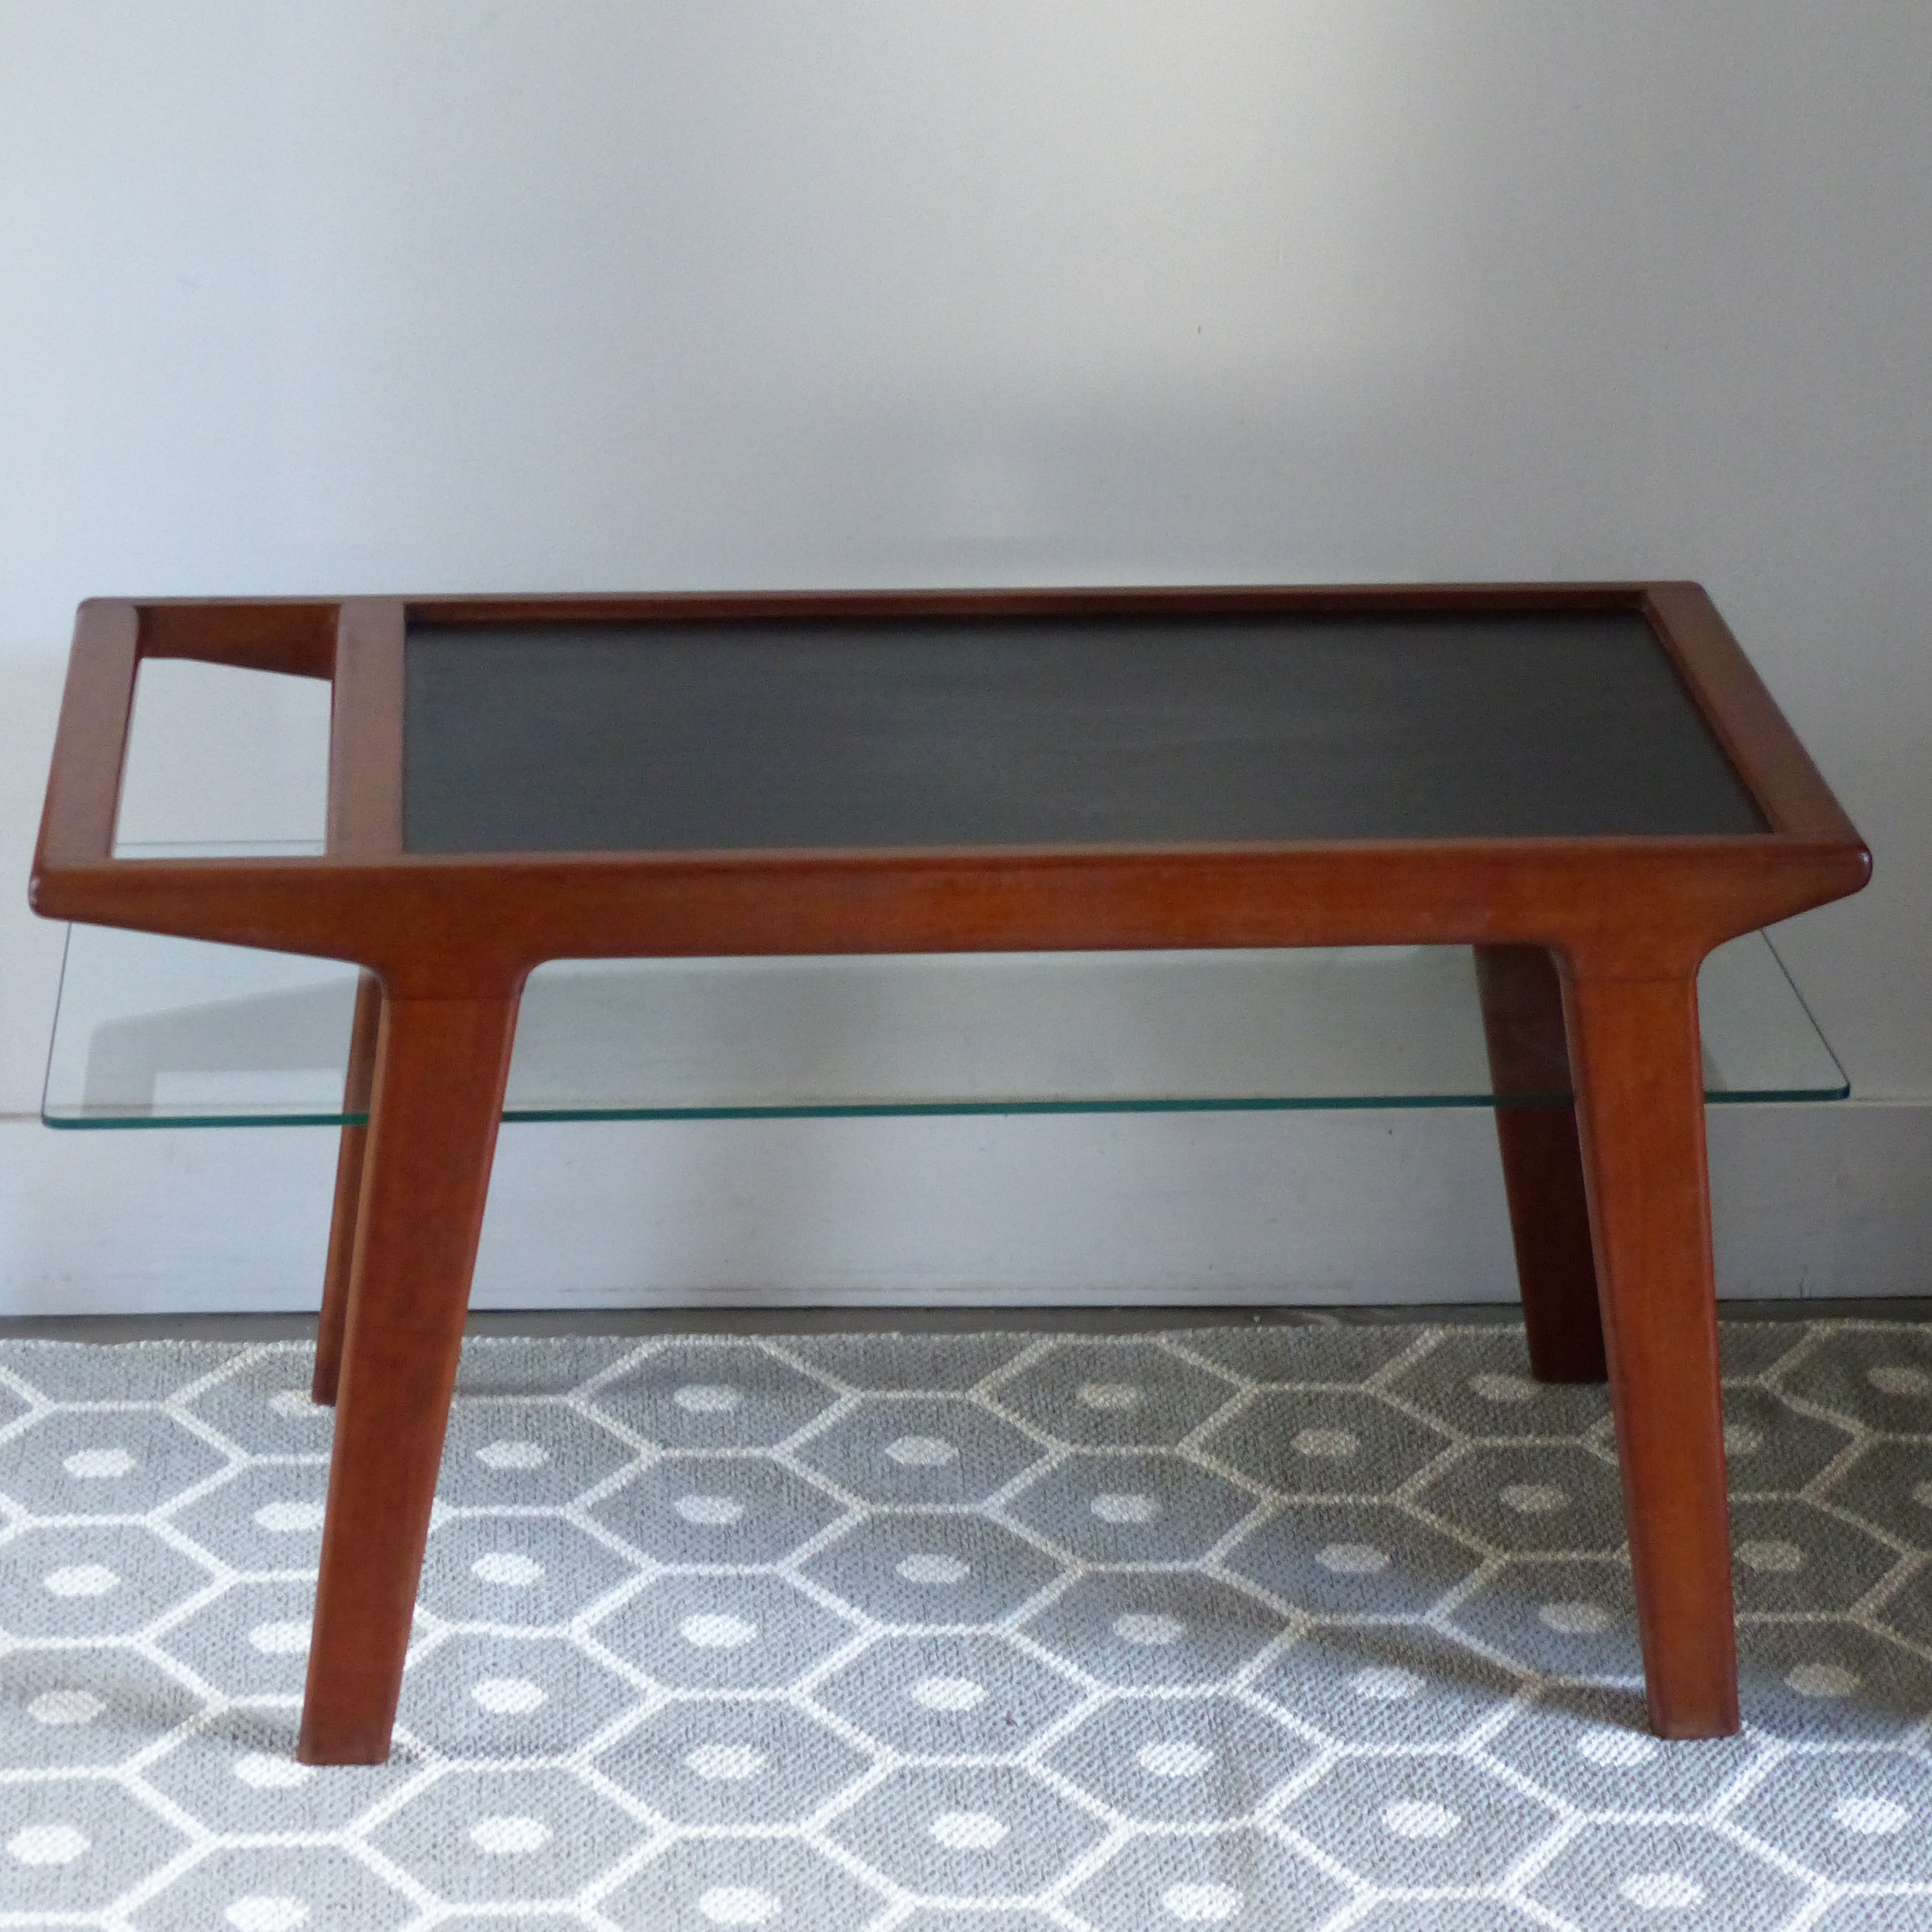 table basse scandinave bicolore lignedebrocante brocante. Black Bedroom Furniture Sets. Home Design Ideas